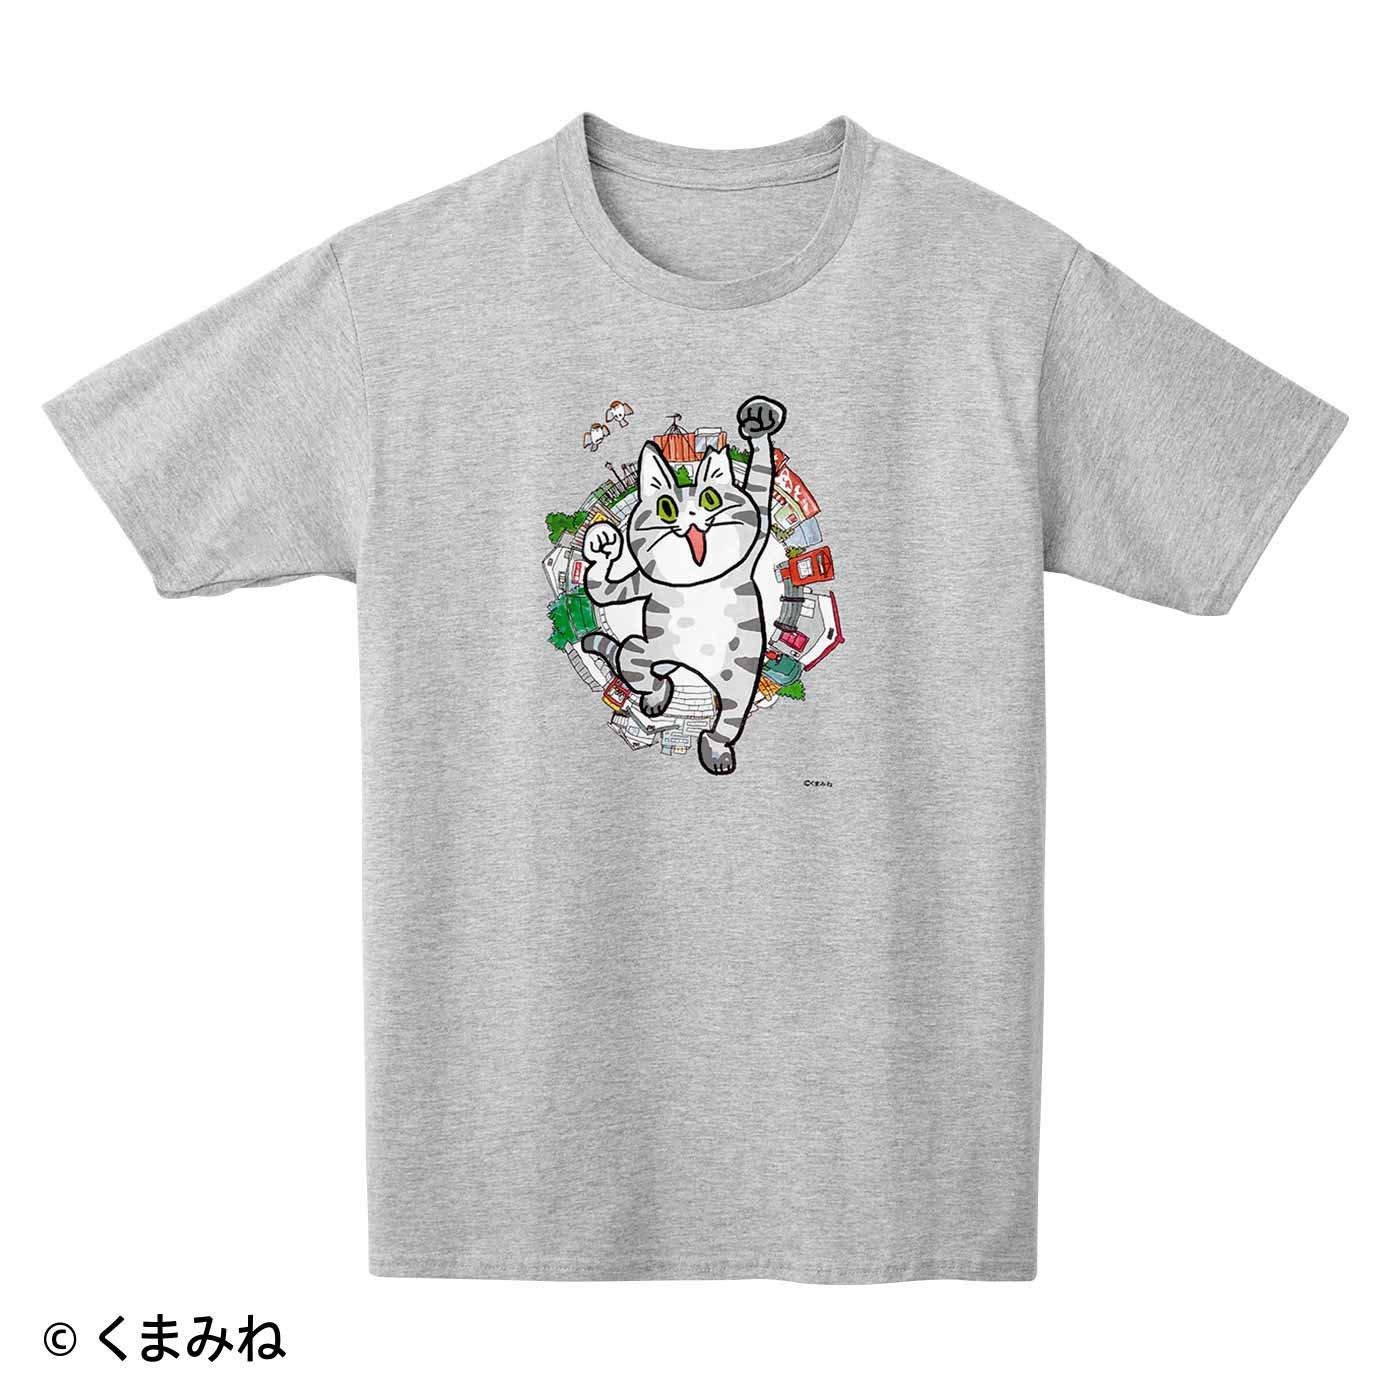 くまみね×猫部 地域猫チャリティーTシャツ2021